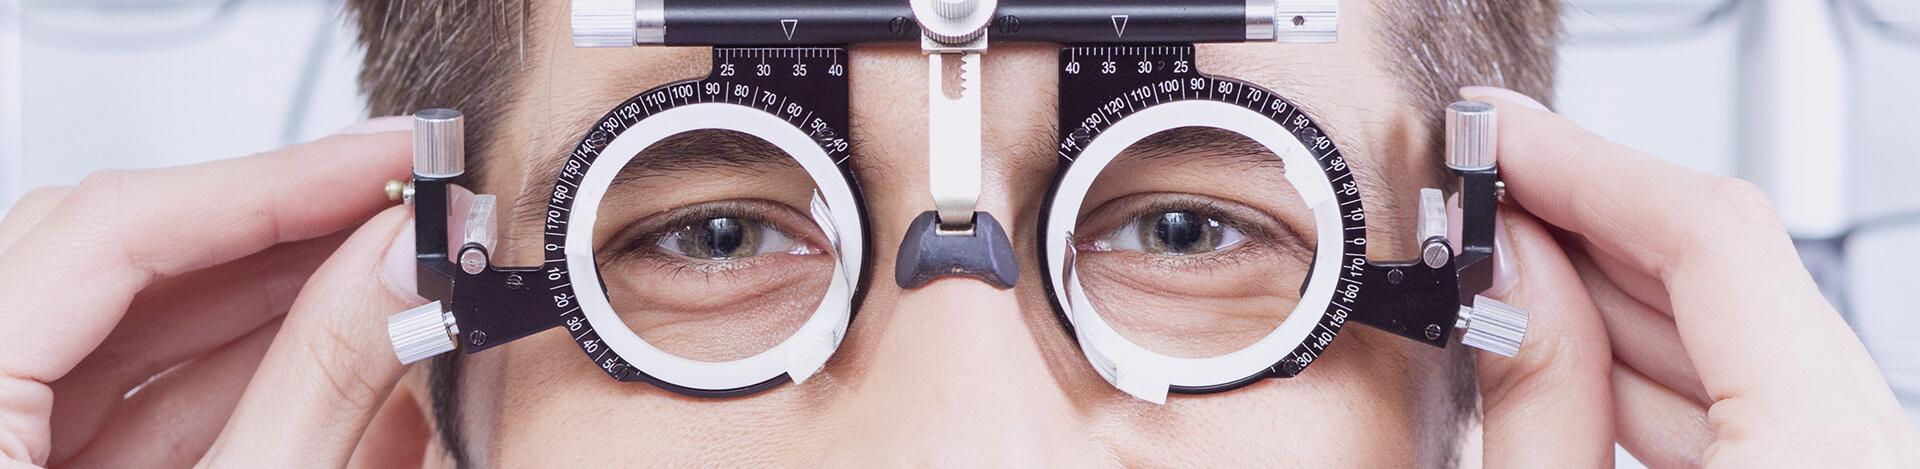 eye-1.920px × 469px (κλιμακώθηκε σε 1.170px × 286px)